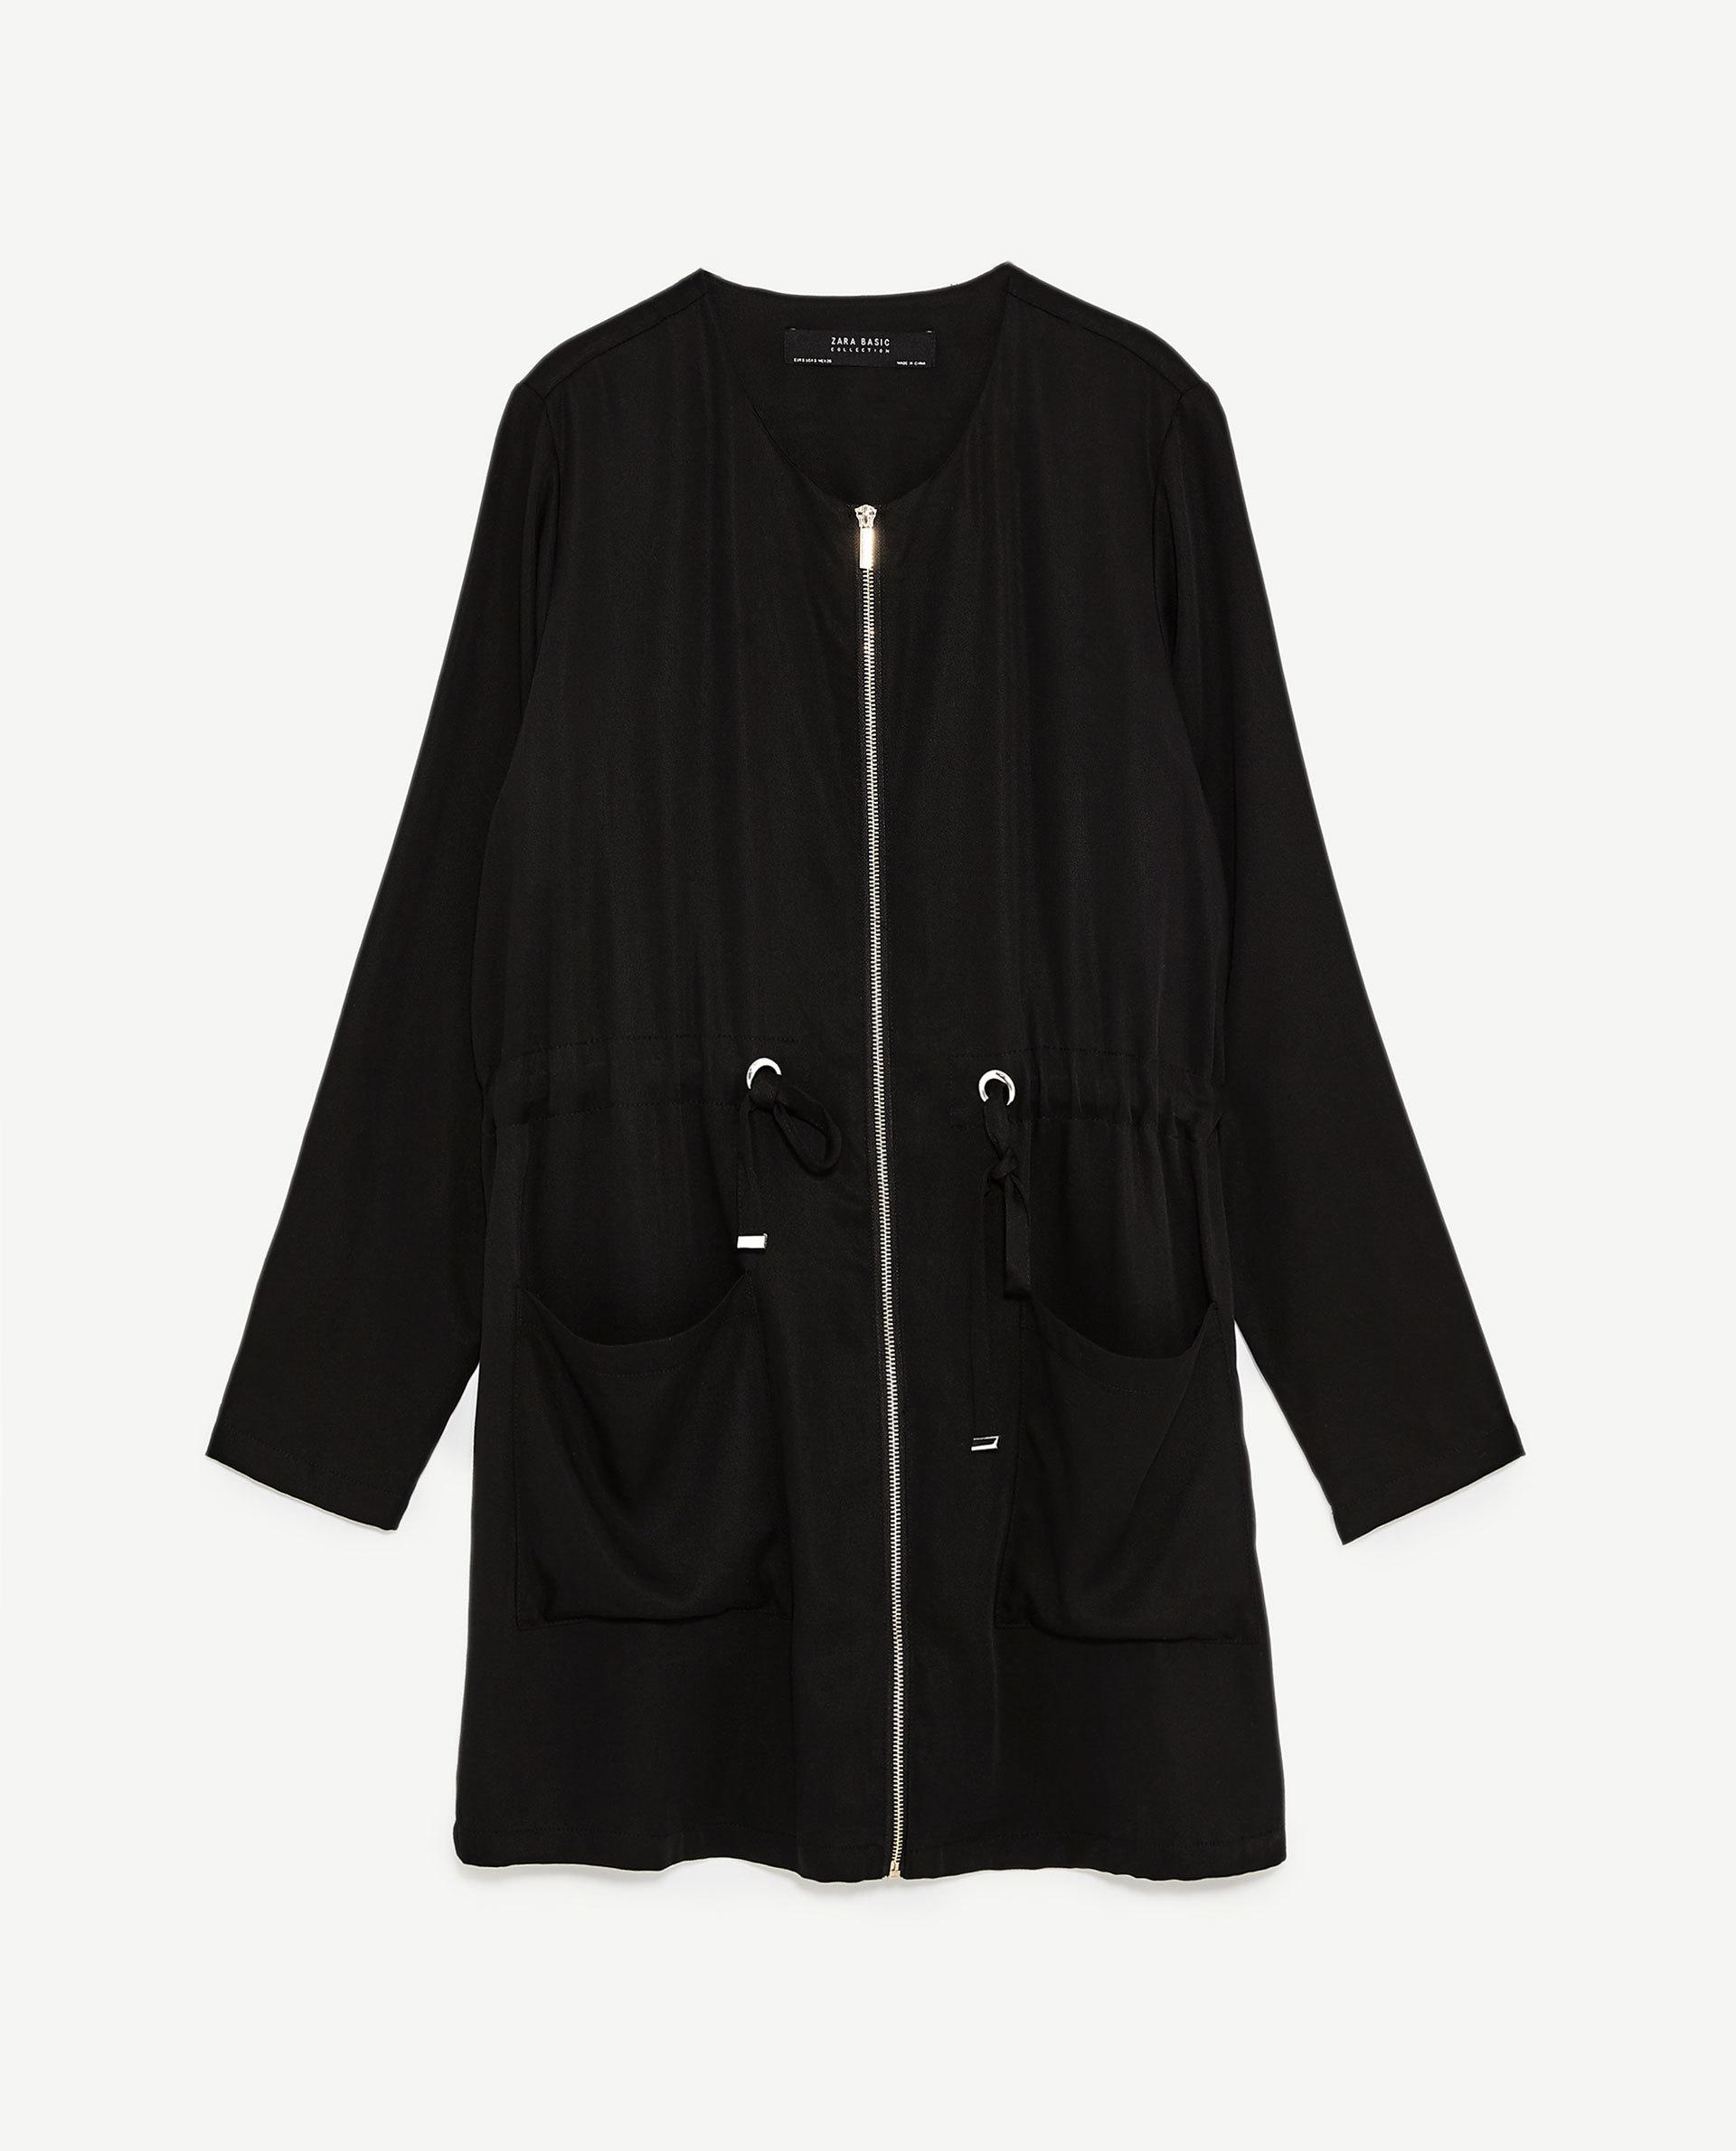 Levita de Zara (19,99 euros)